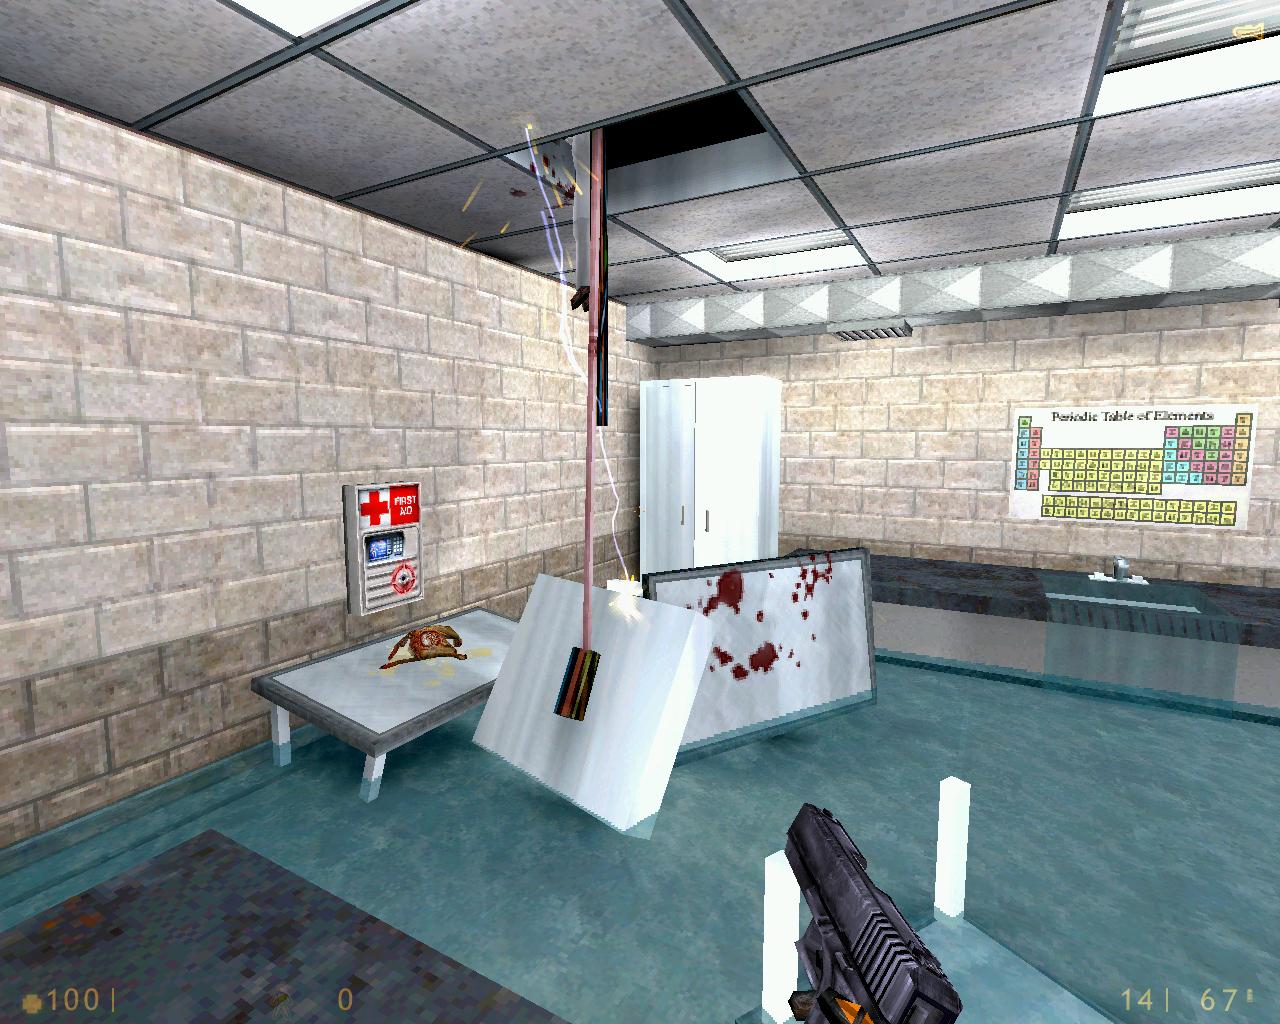 c1a20043.png - Half-Life